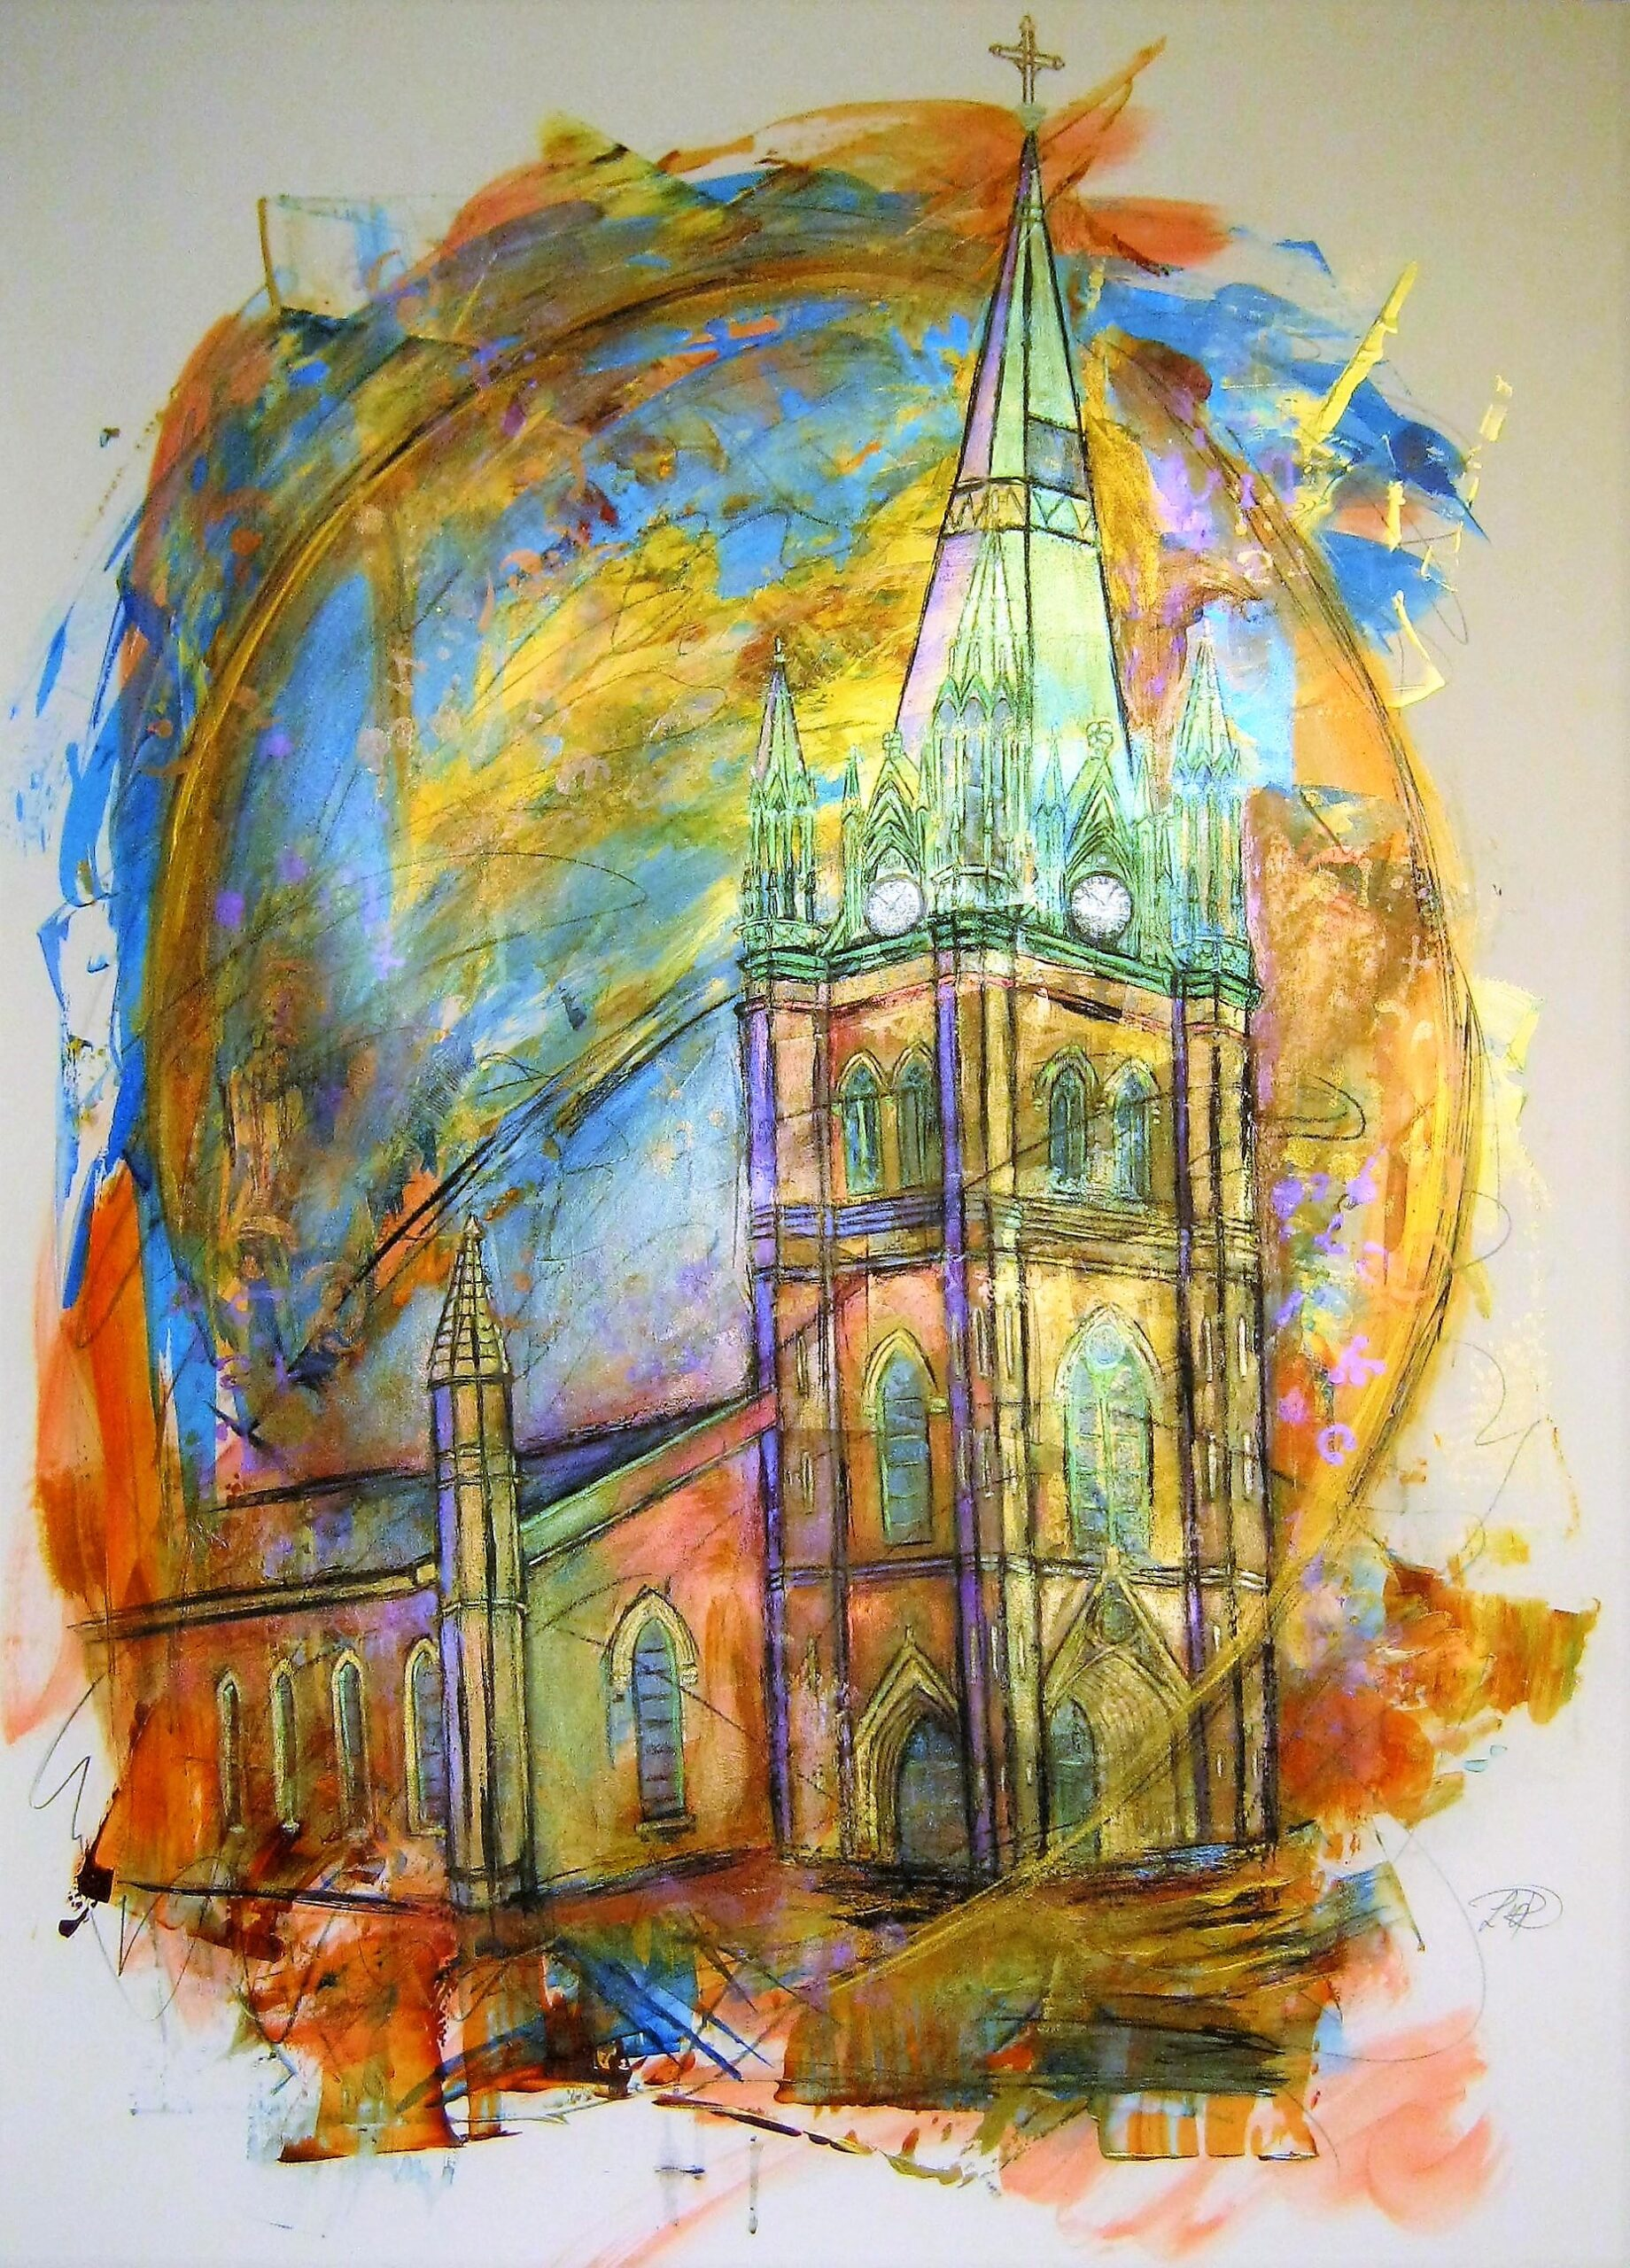 La cathédrale de l'Assomption  (cathédrale de Trois-Rivières)